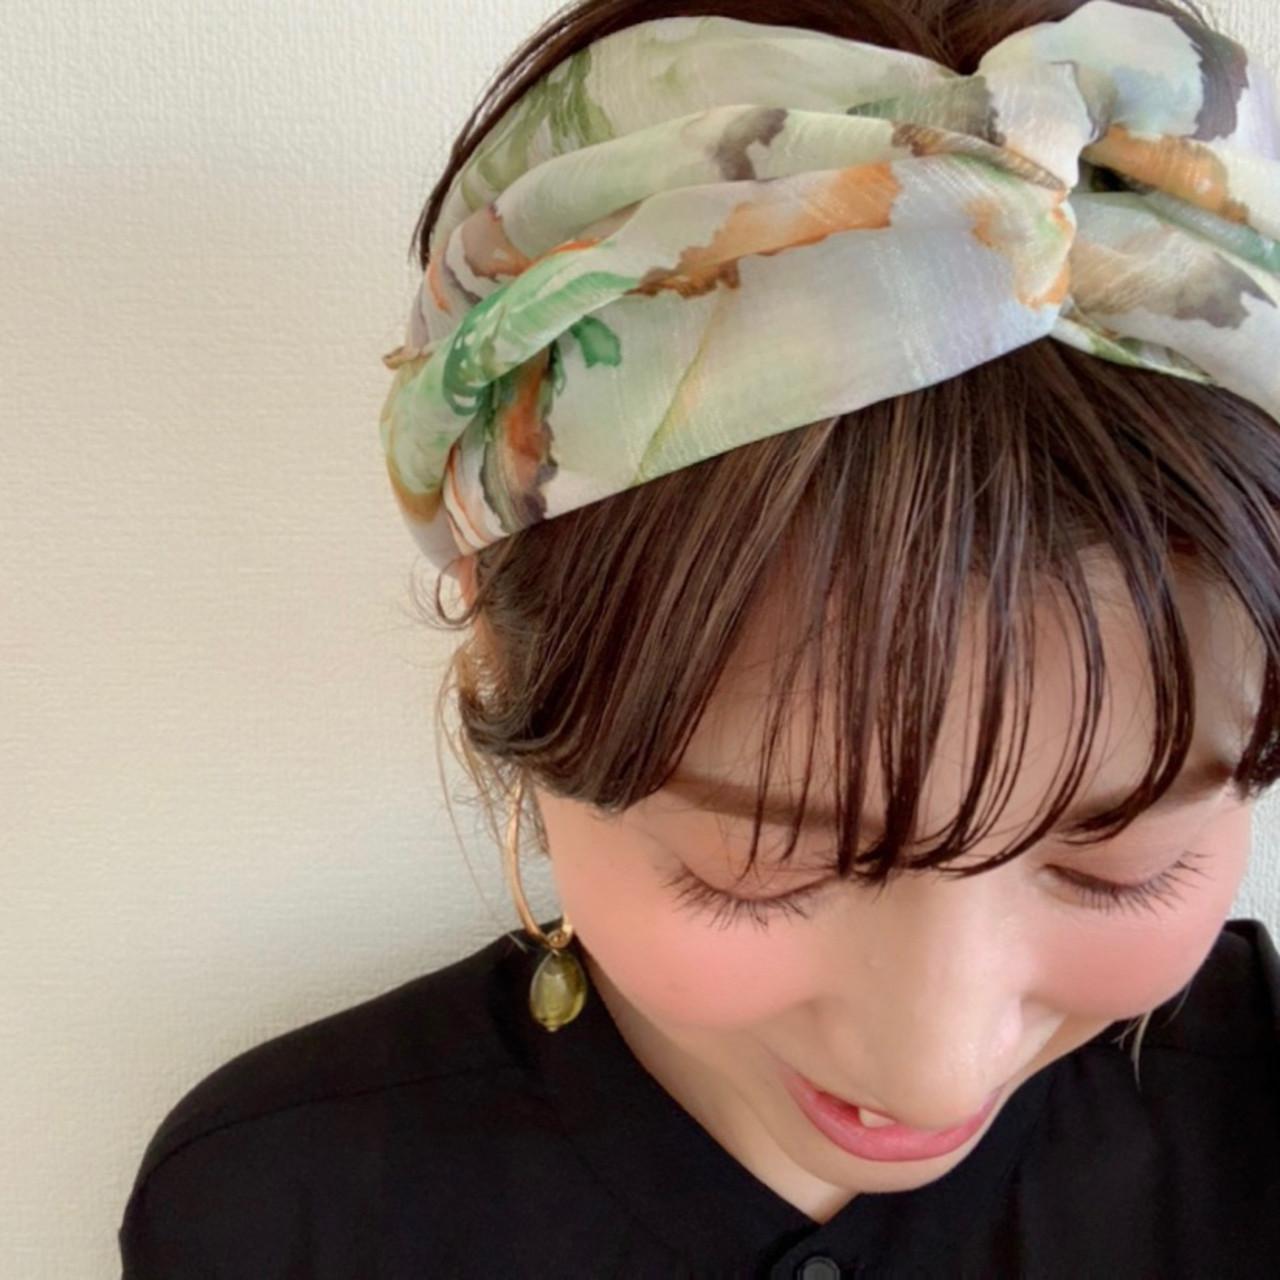 ショート スカーフアレンジ インナーカラー ナチュラル ヘアスタイルや髪型の写真・画像